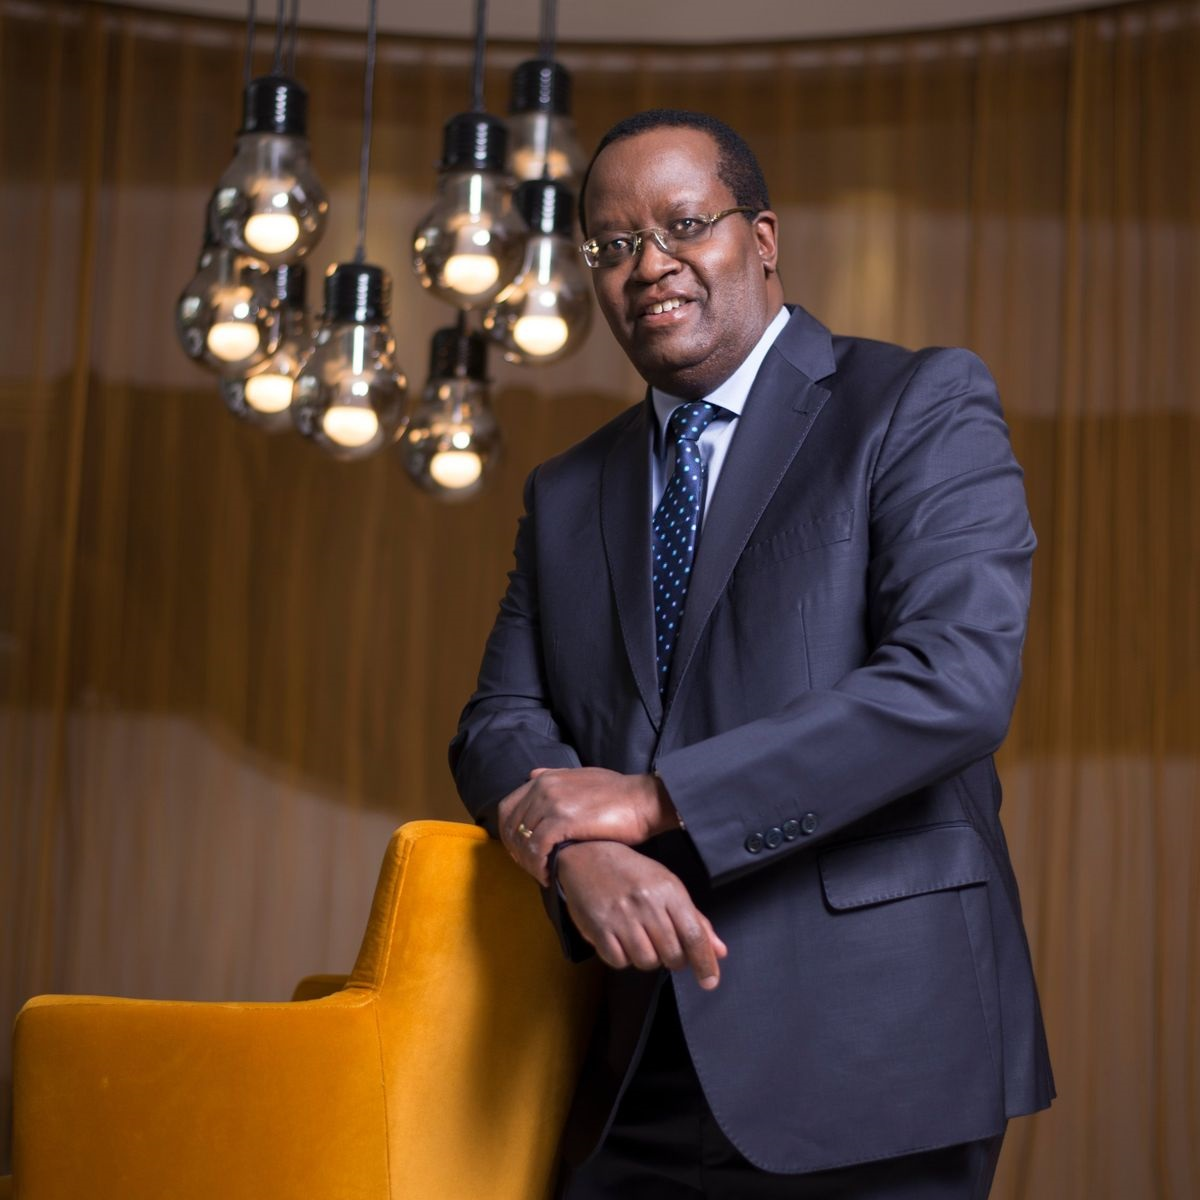 Bernard Ngugi the New Kenya Power MD www.businesstoday.co.ke